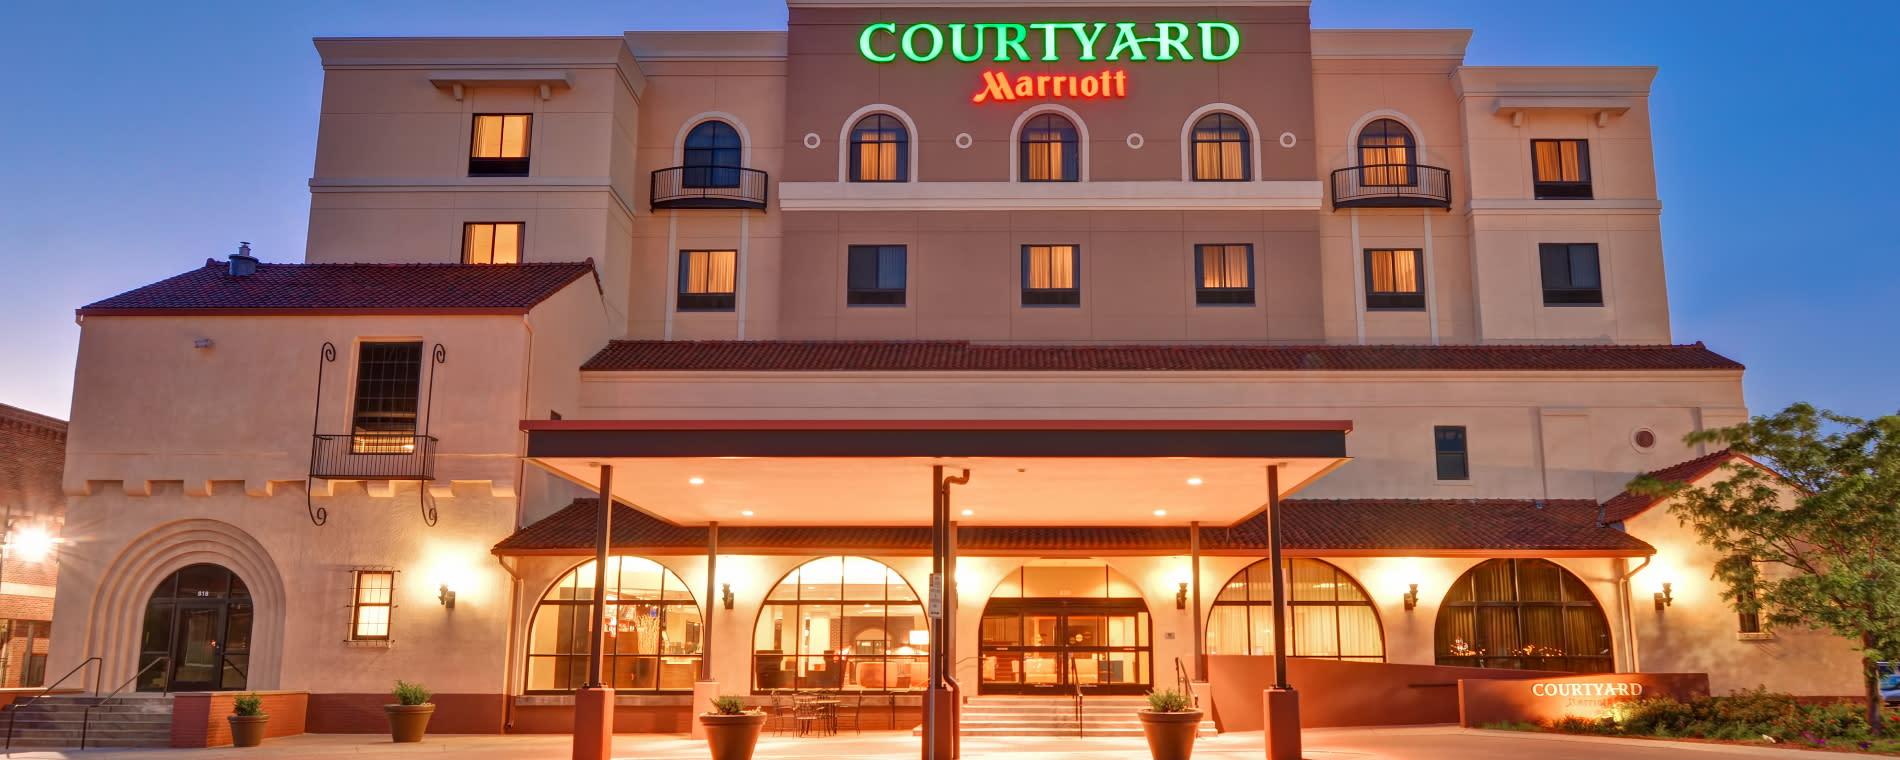 Courtyard Marriott Oldtown Wichita